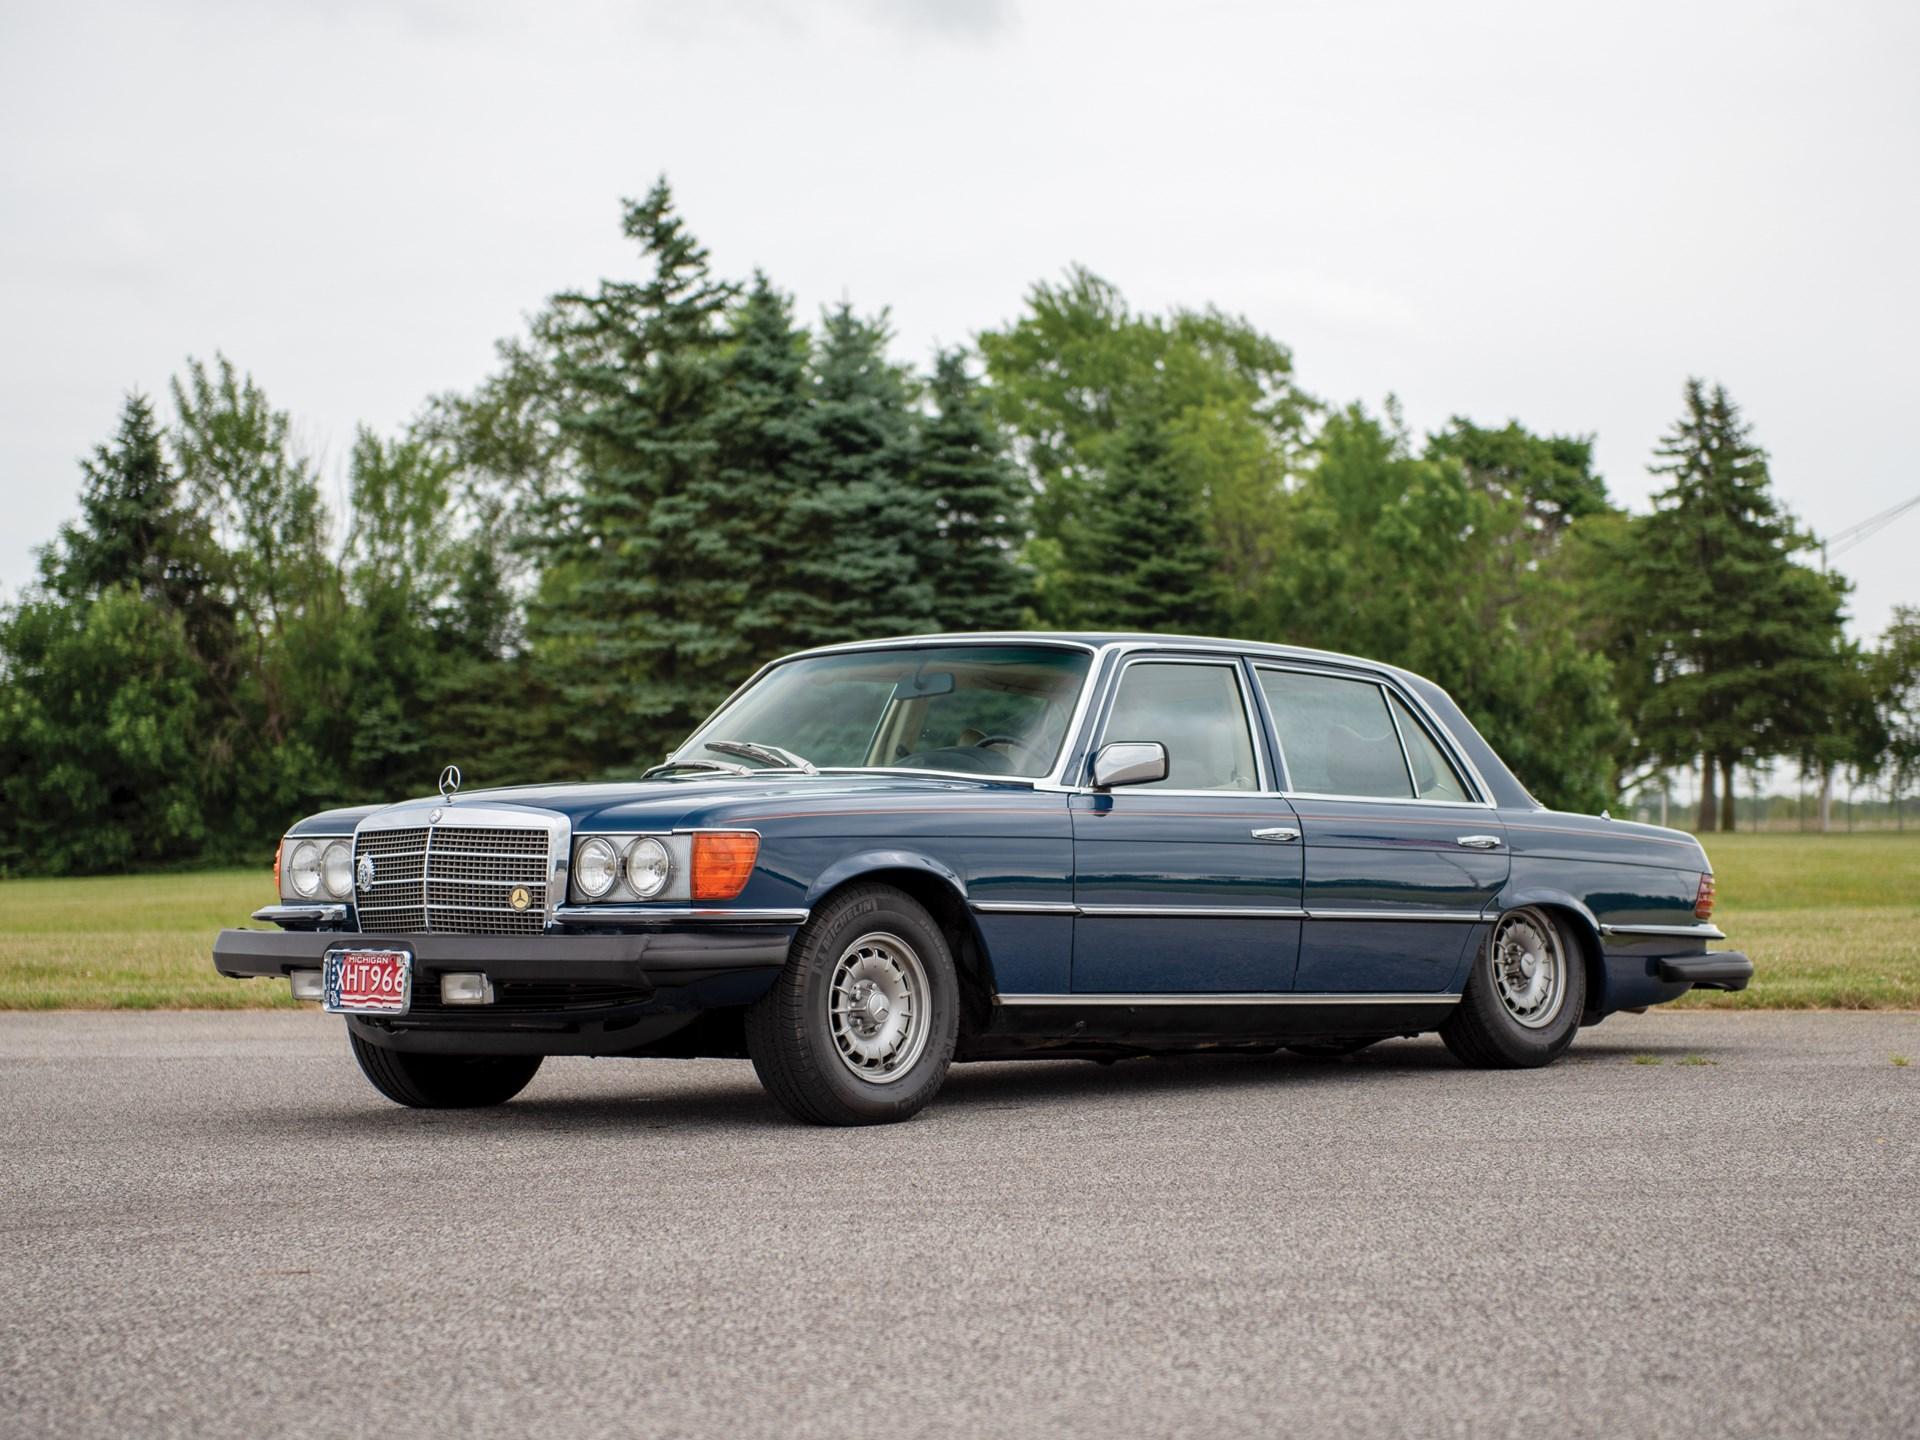 RM Sotheby's - 1977 Mercedes-Benz 450 SEL 6 9 Sedan   Auburn